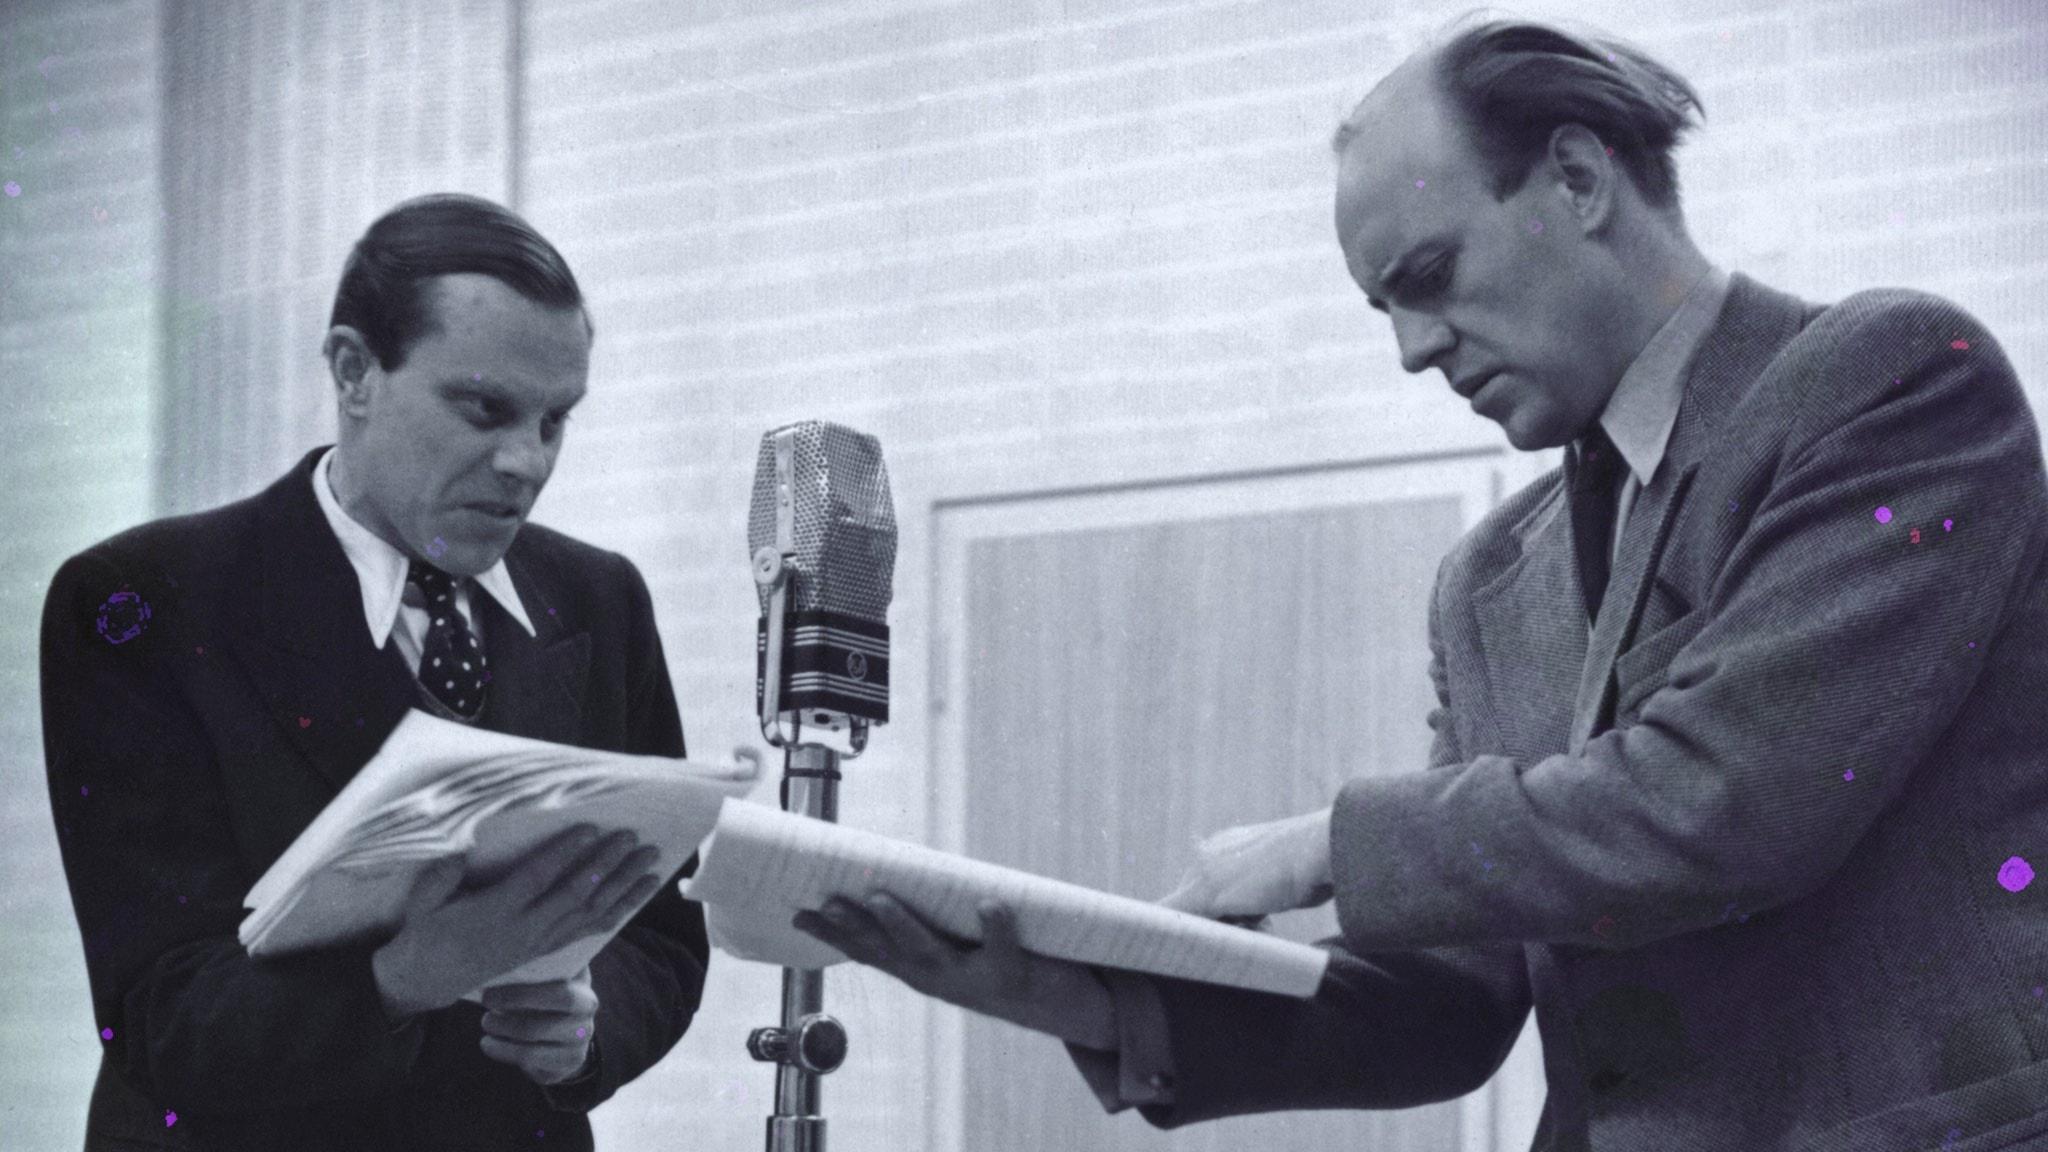 Olof Widgren och Ulf Palme under en inspelning i en radioteaterstudio med manuskript i händerna och en mikrofon mellan sig.